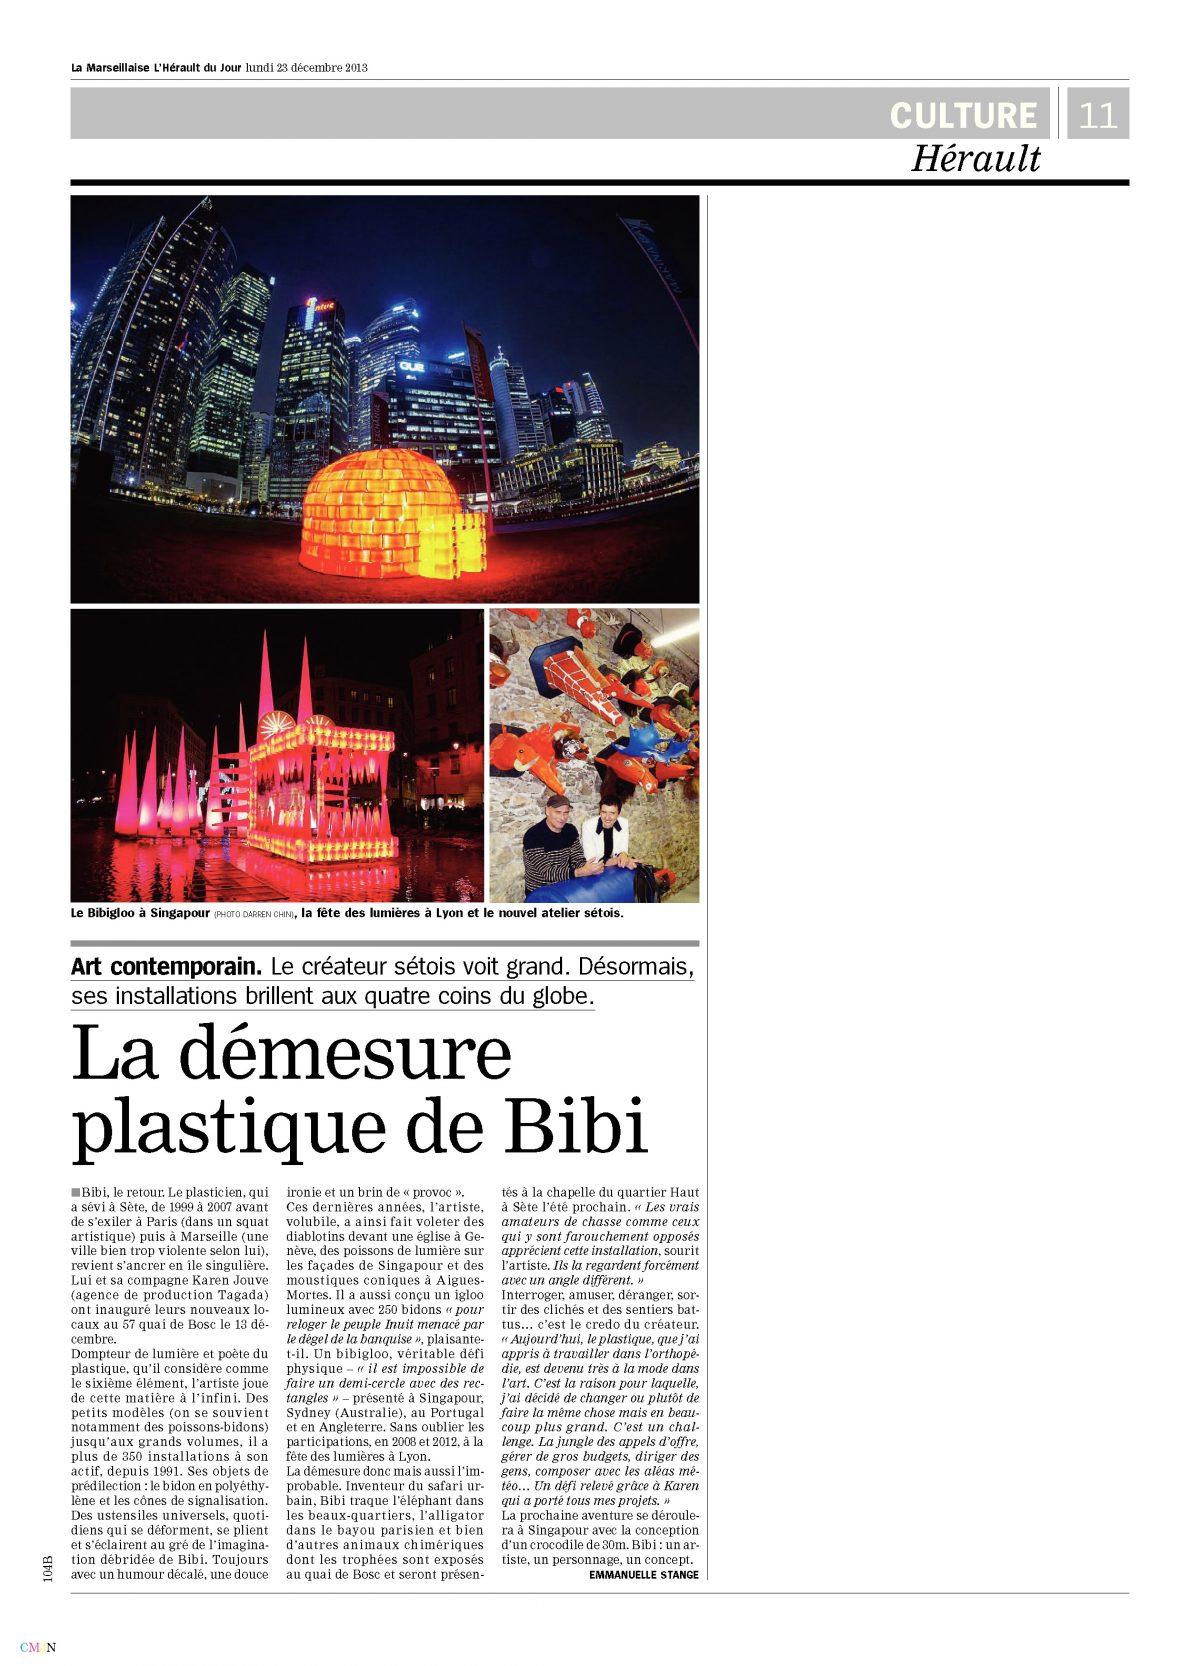 2013-12-23-bibi-heraultdujour